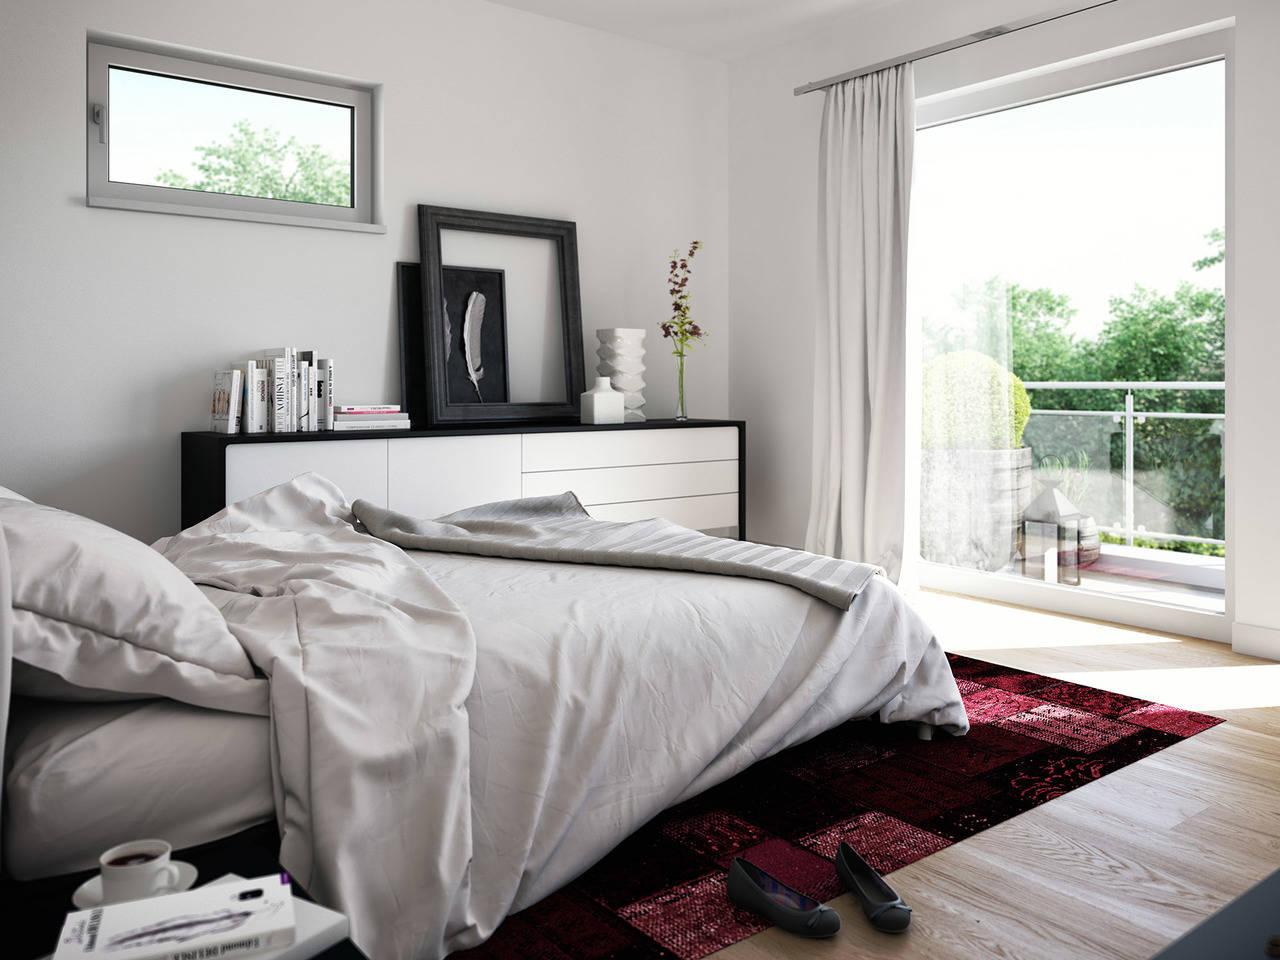 Haus SOLUTION 134 V9 Schlafzimmer von Living Haus